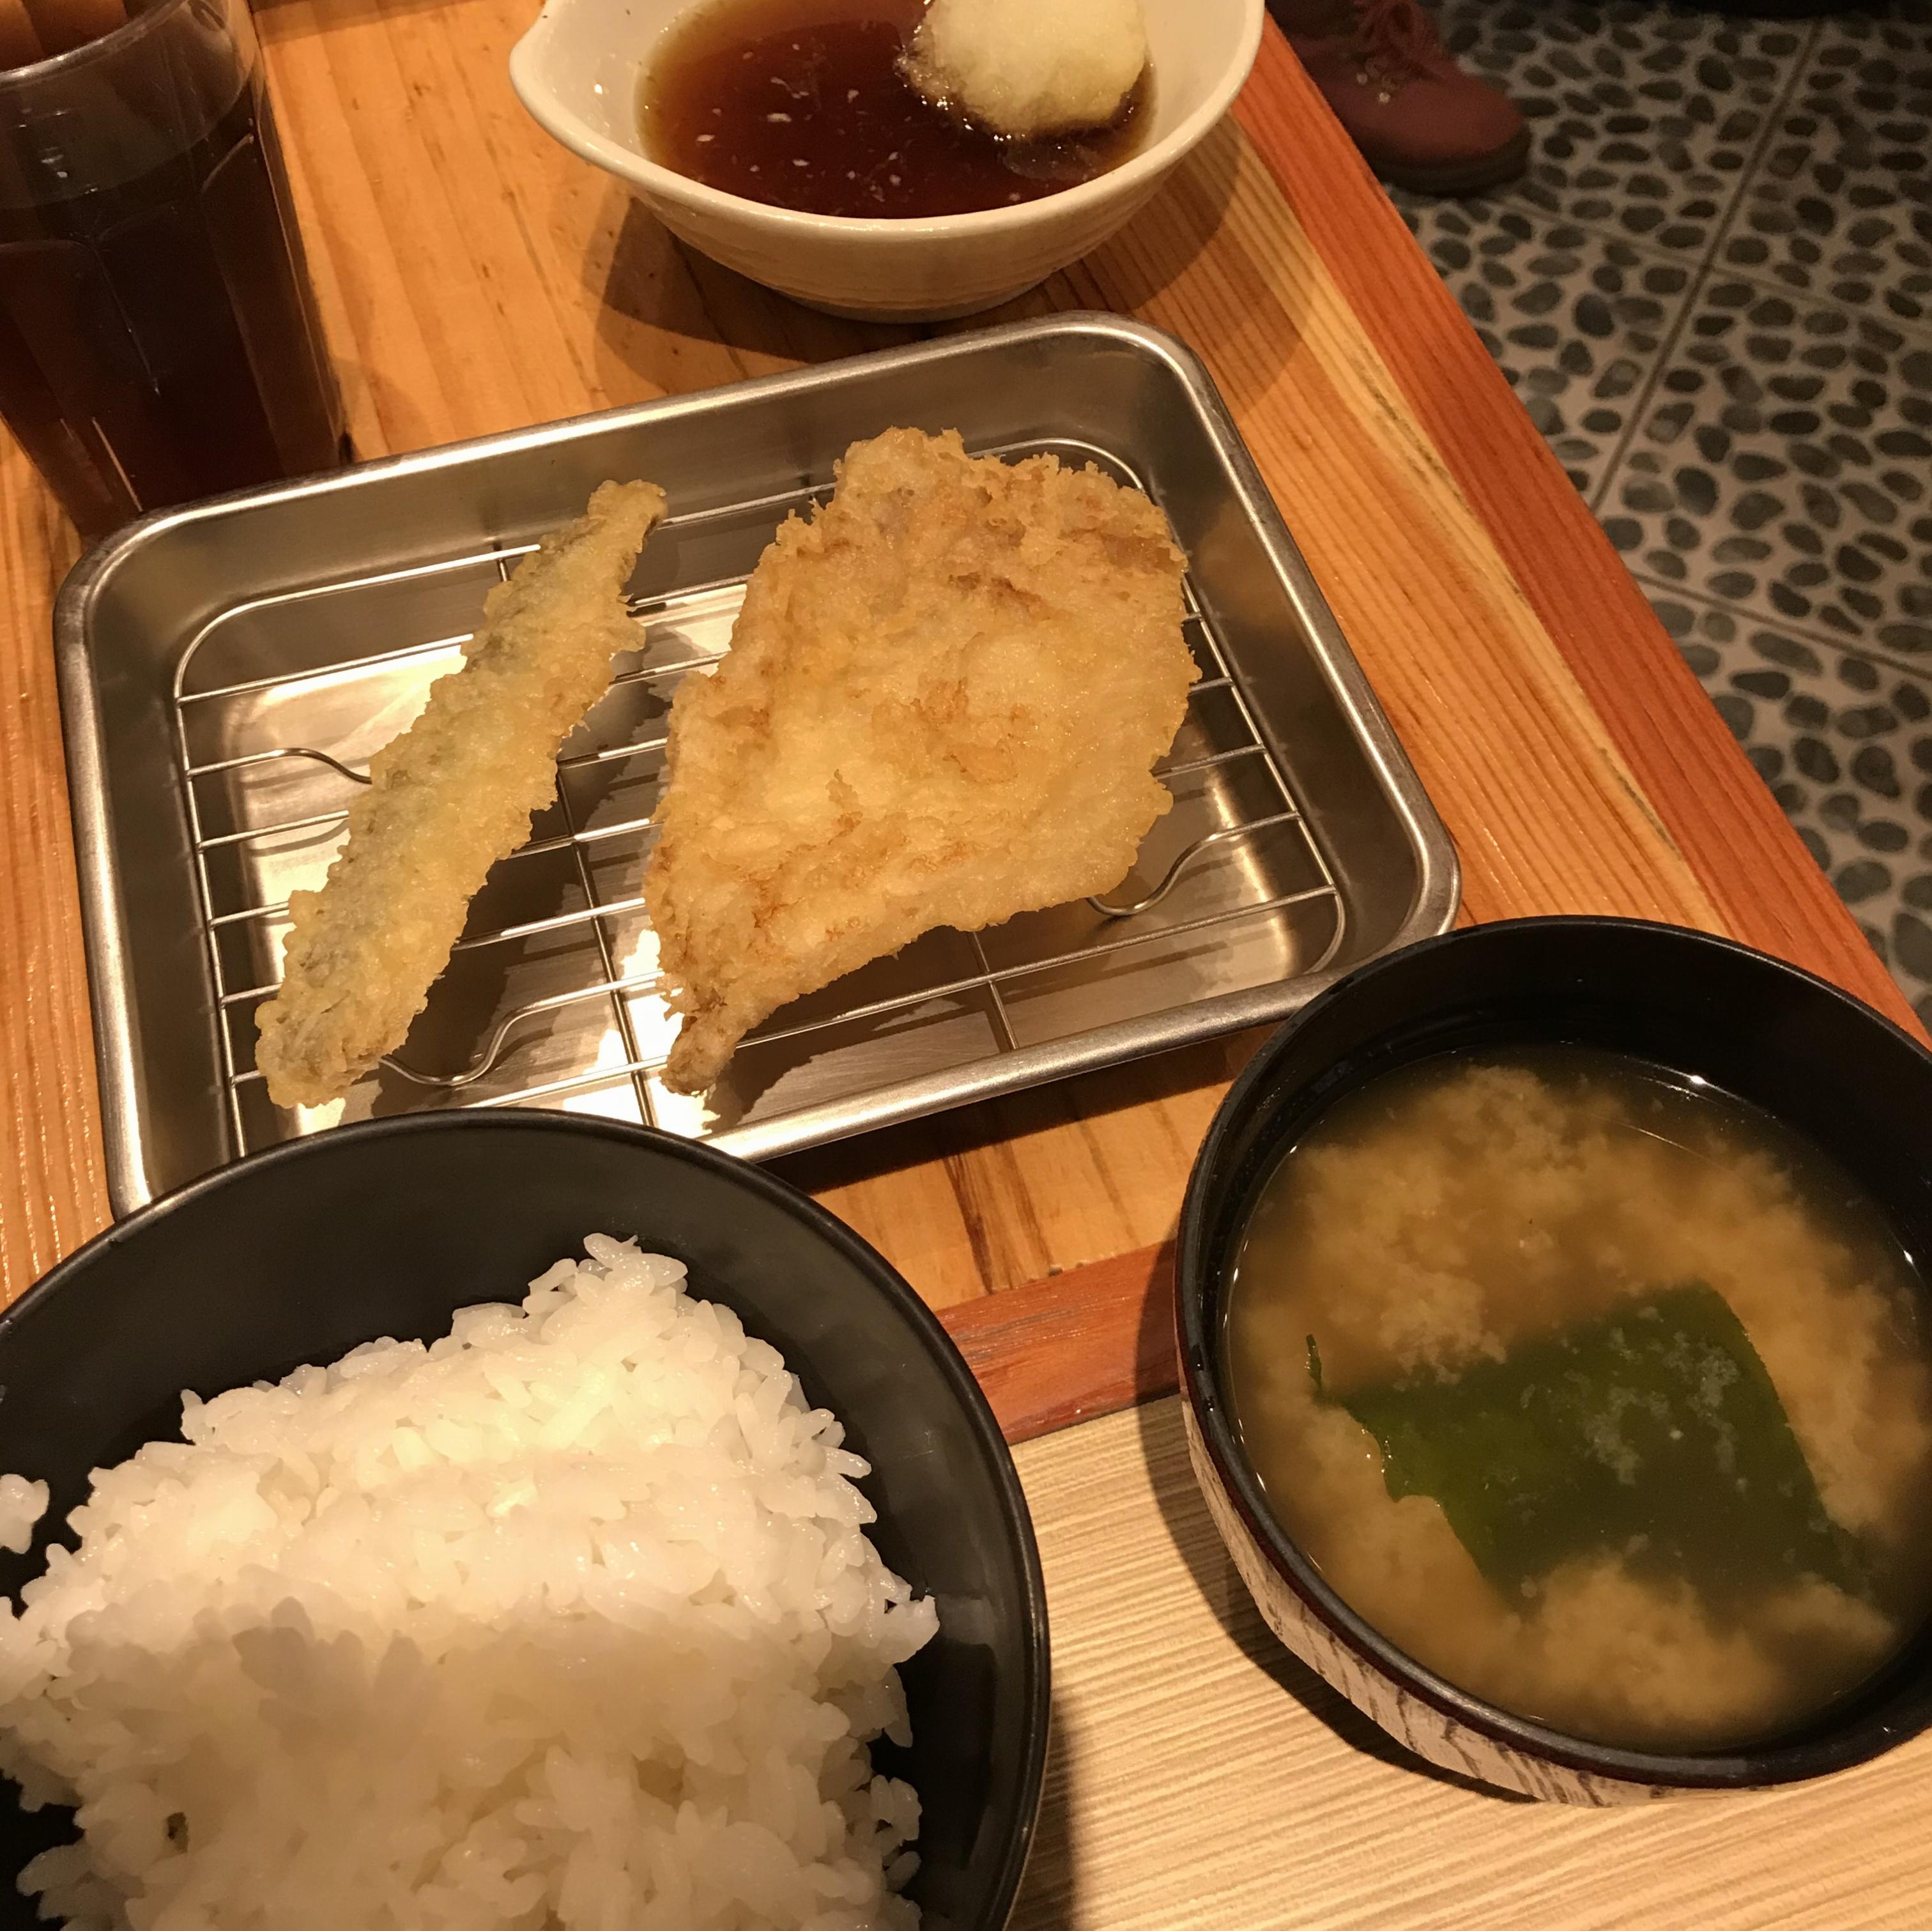 【ご当地MORE福岡】福岡に来たら絶対に行ってほしい明太子食べ放題の○○のお店♡♡♡_3